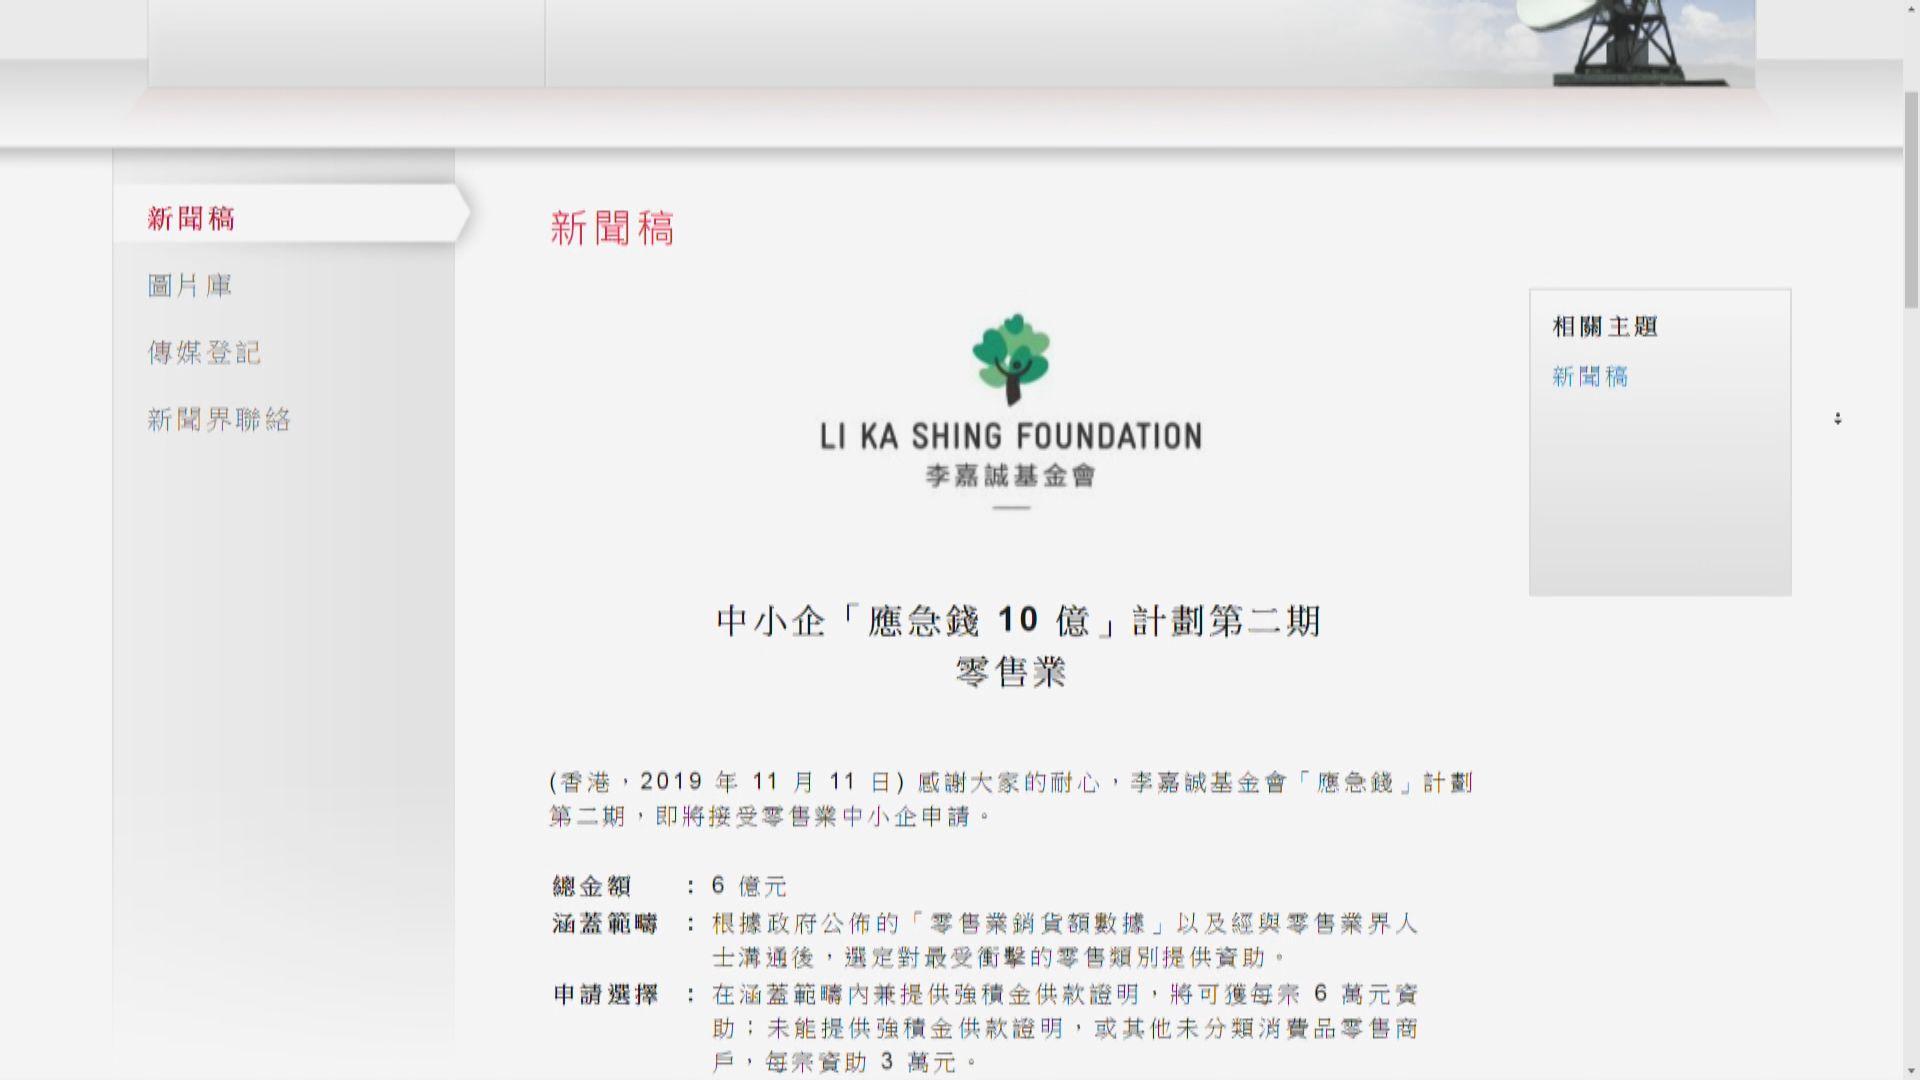 【應急錢第二期】6億元助零售業 下周一起接受網上申請